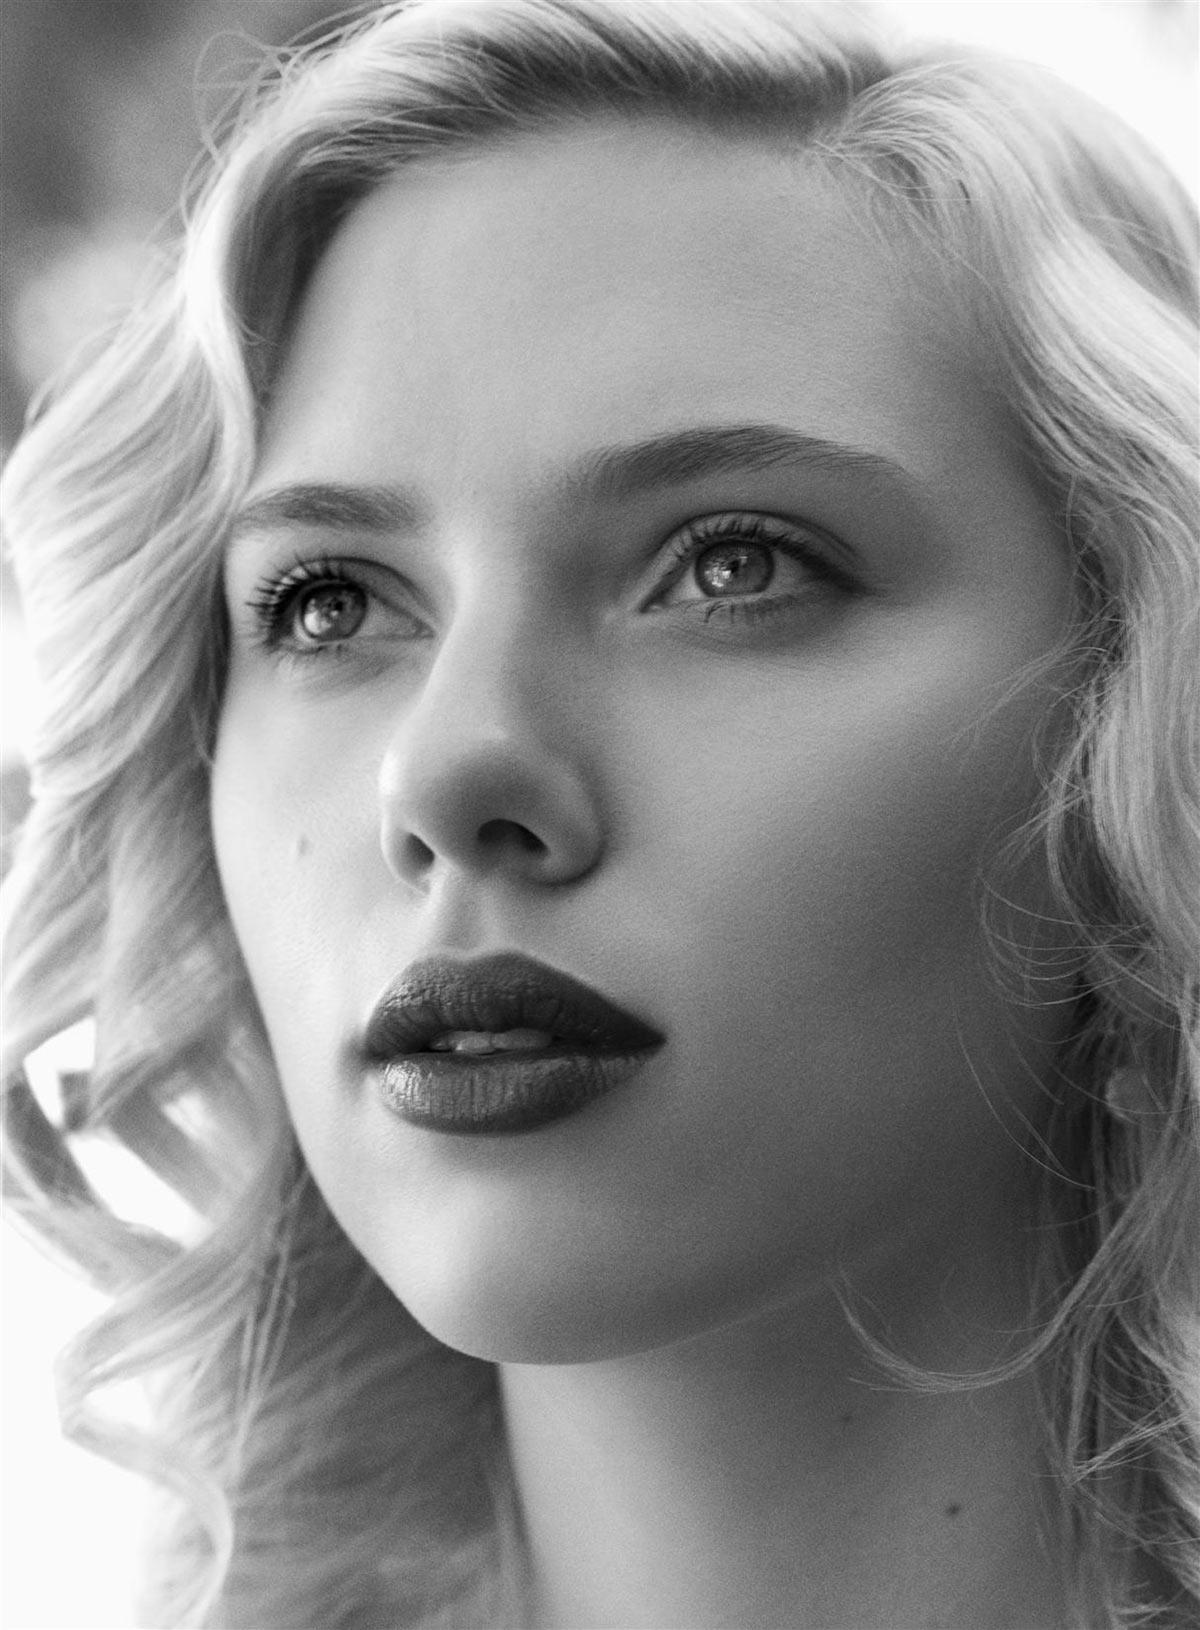 Scarlett Johansson visage magnifique